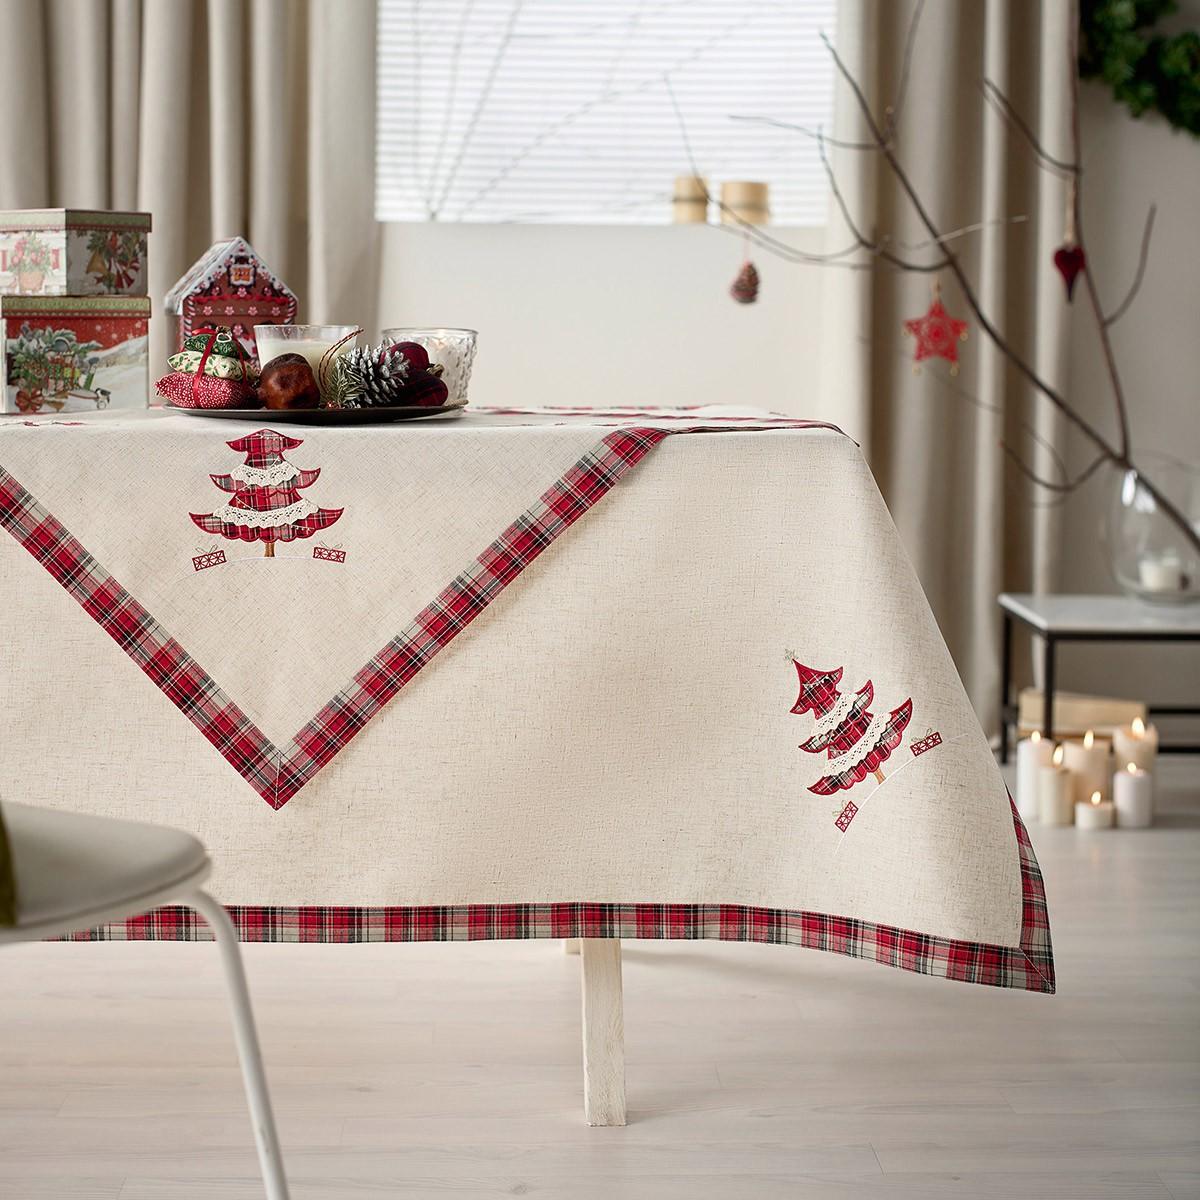 Χριστουγεννιάτικο Τραπεζομάντηλο (150×220) Gofis Home 686